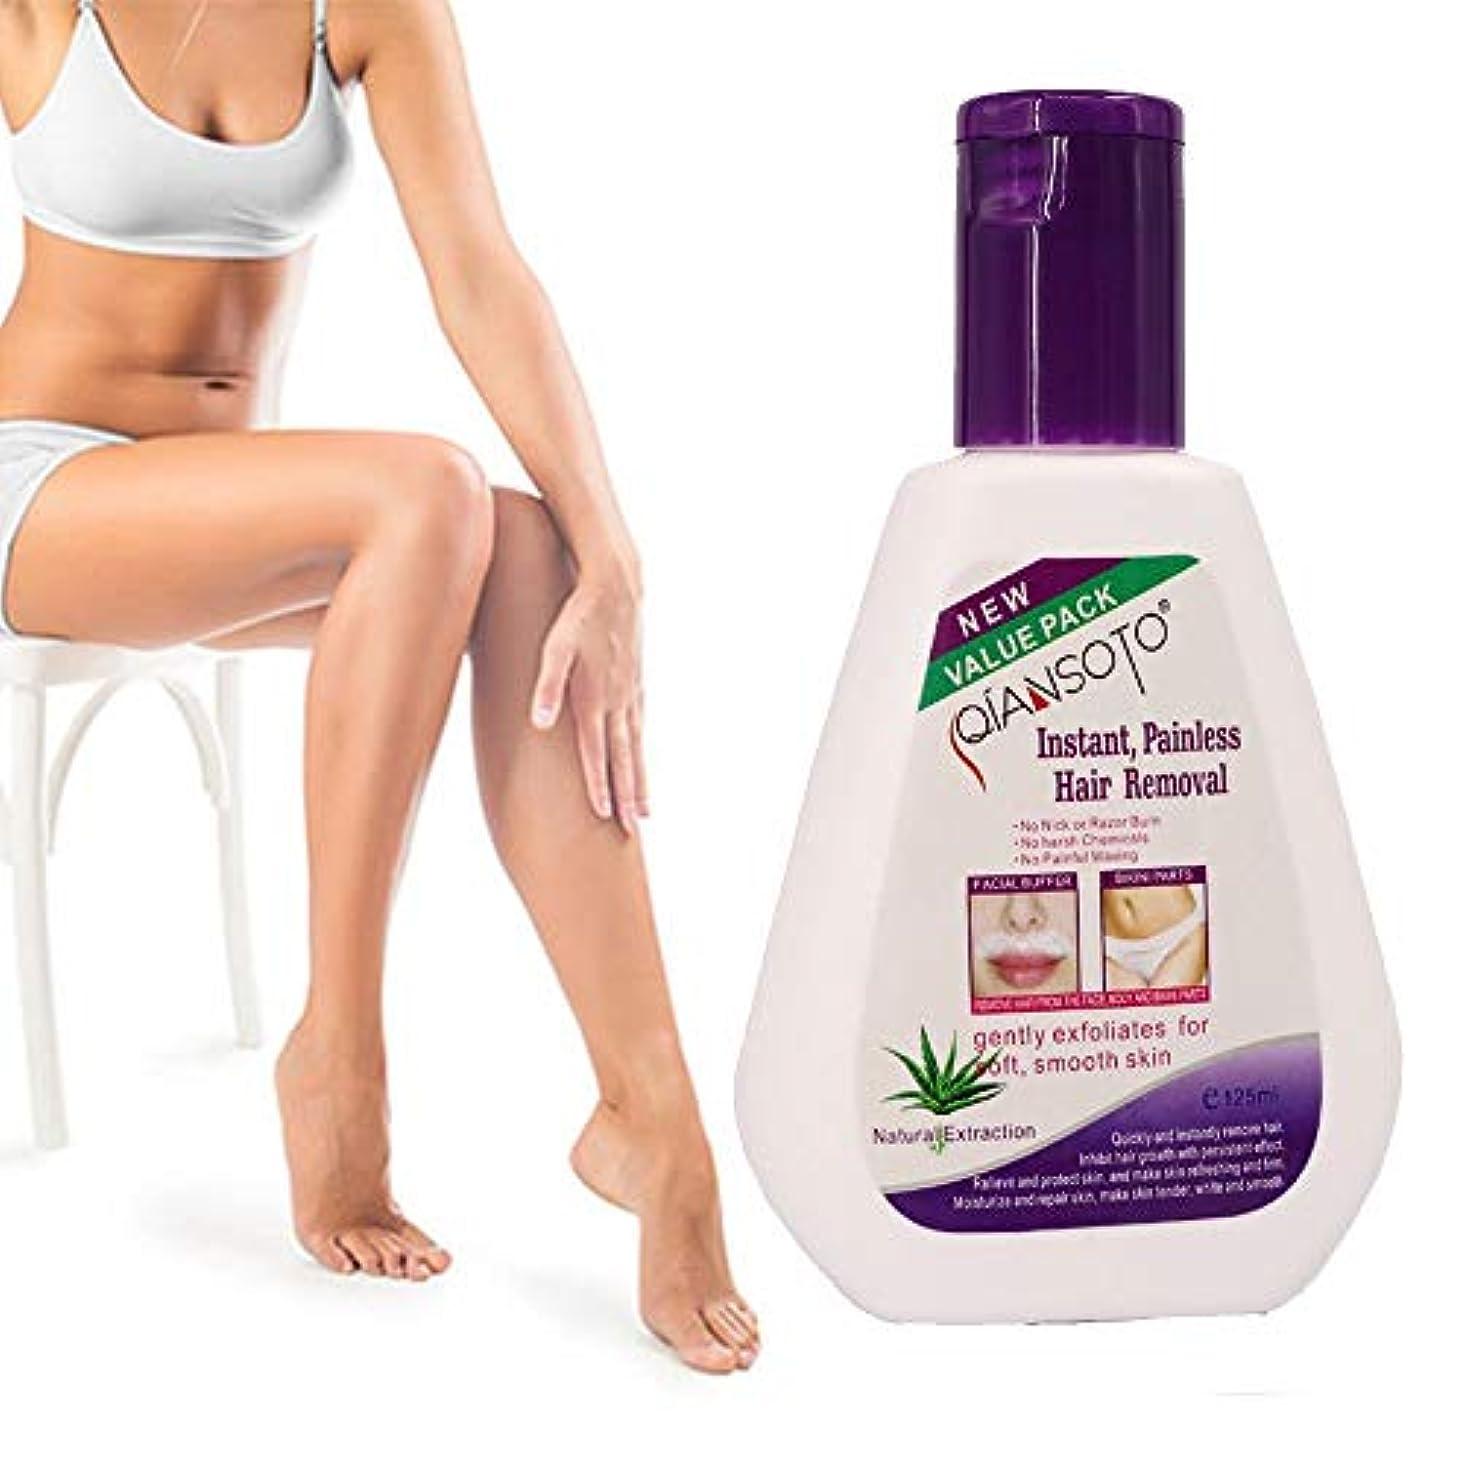 推測過度の乳剤脱毛 温和無痛 敏感肌適当な、AFYパーマネントヘアリムーバルクリームストップ育毛防止剤除去パワーフー、安全で便利、細かい髪を取り除き、メイクをより親しみやすくする